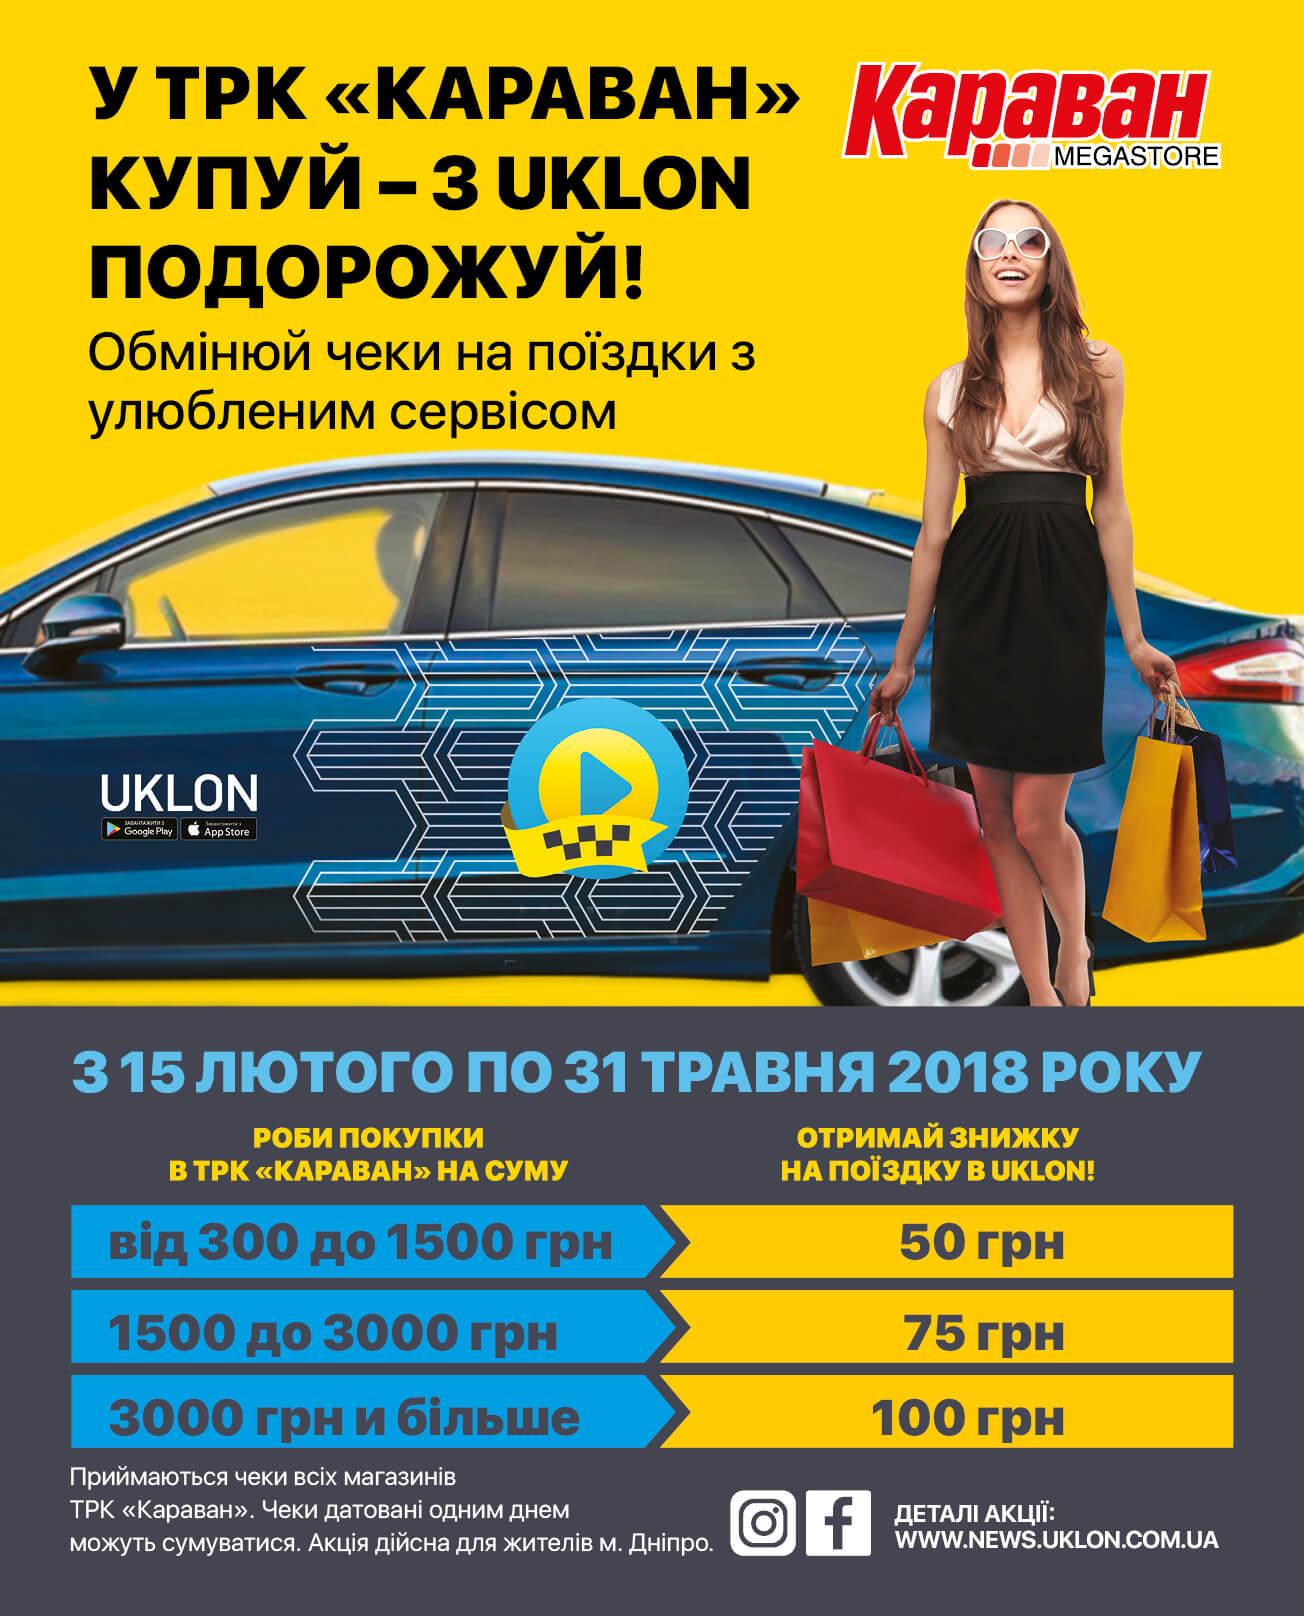 Поездка с сервисом вызова авто Uklon со скидкой от Караван